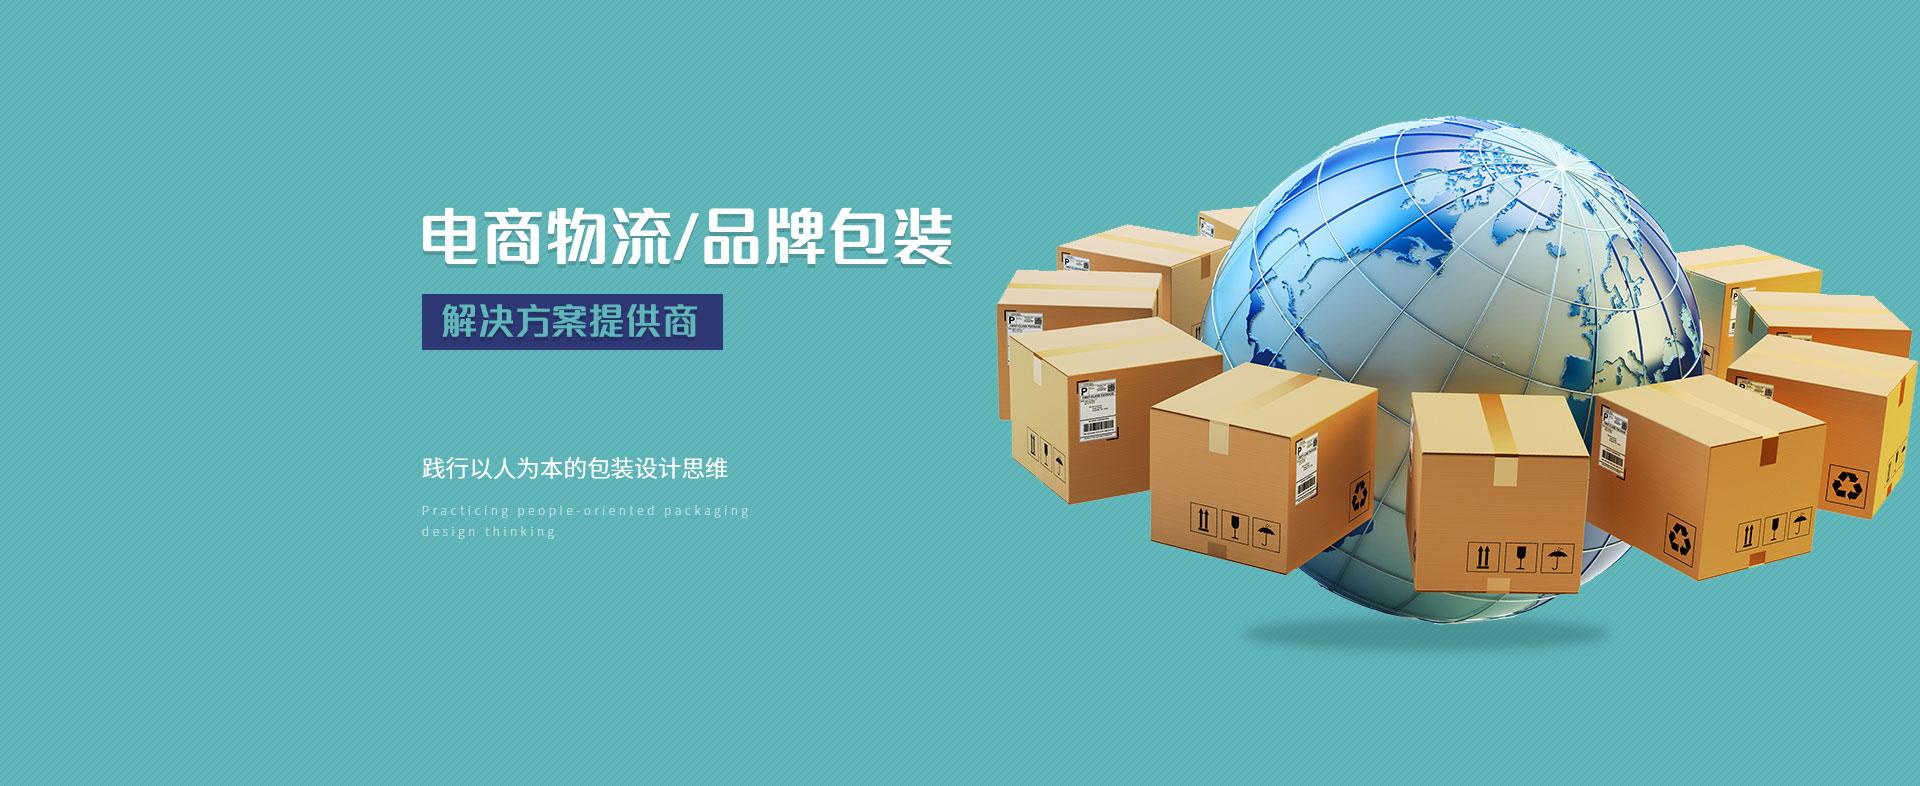 快乐包践行以人为本的包装设计思维 按商品用途开发与制定合适的包装解决方案